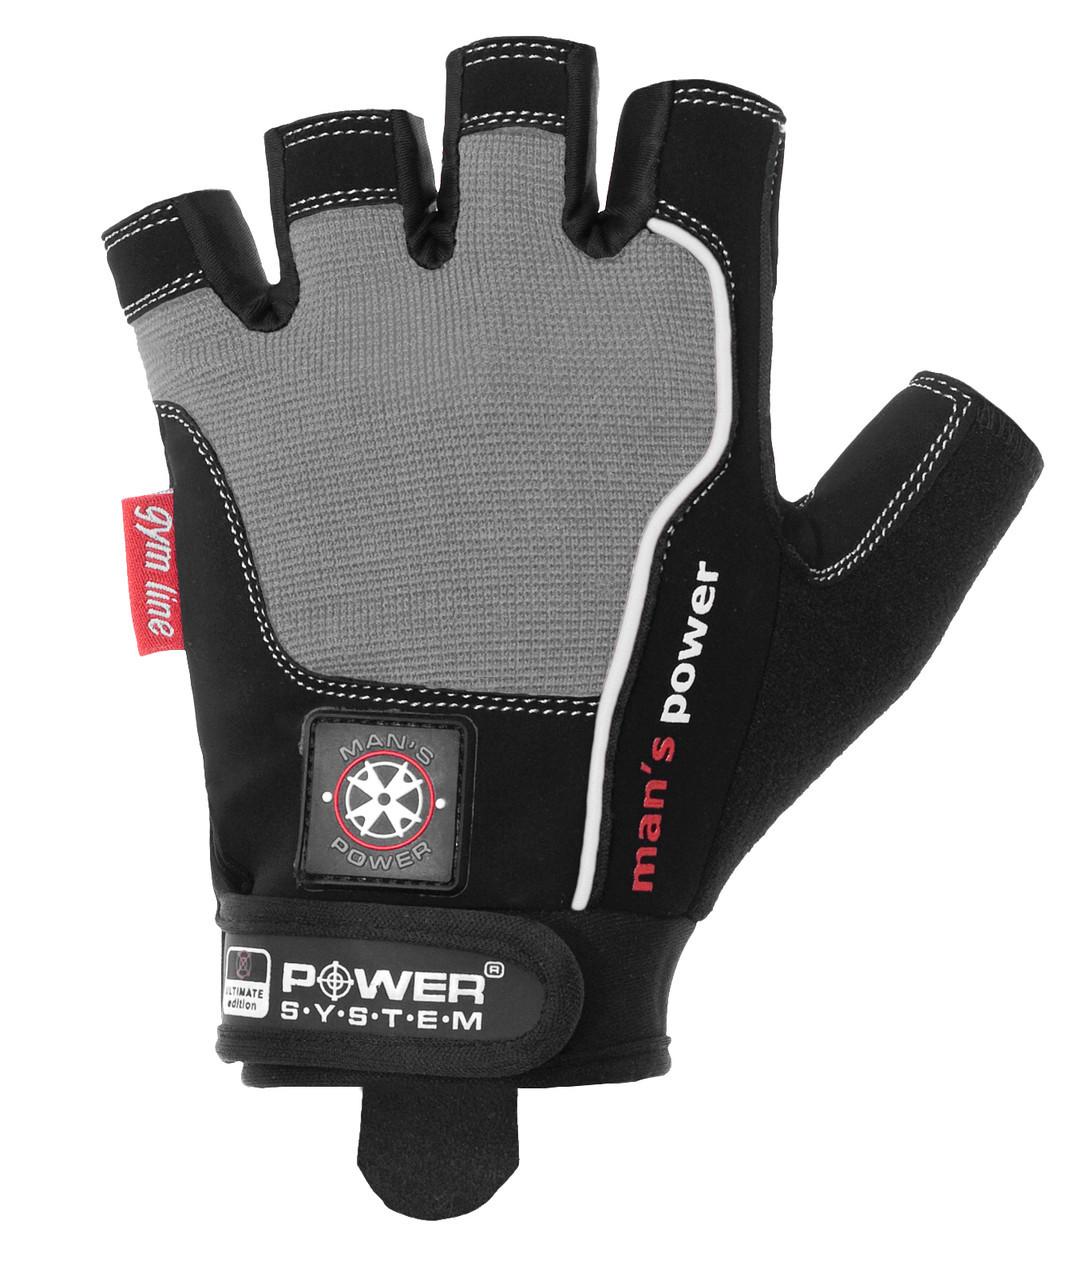 Перчатки для фитнеса и тяжелой атлетики Power System Mans Power Black XS PS-2580 SKL24-190230